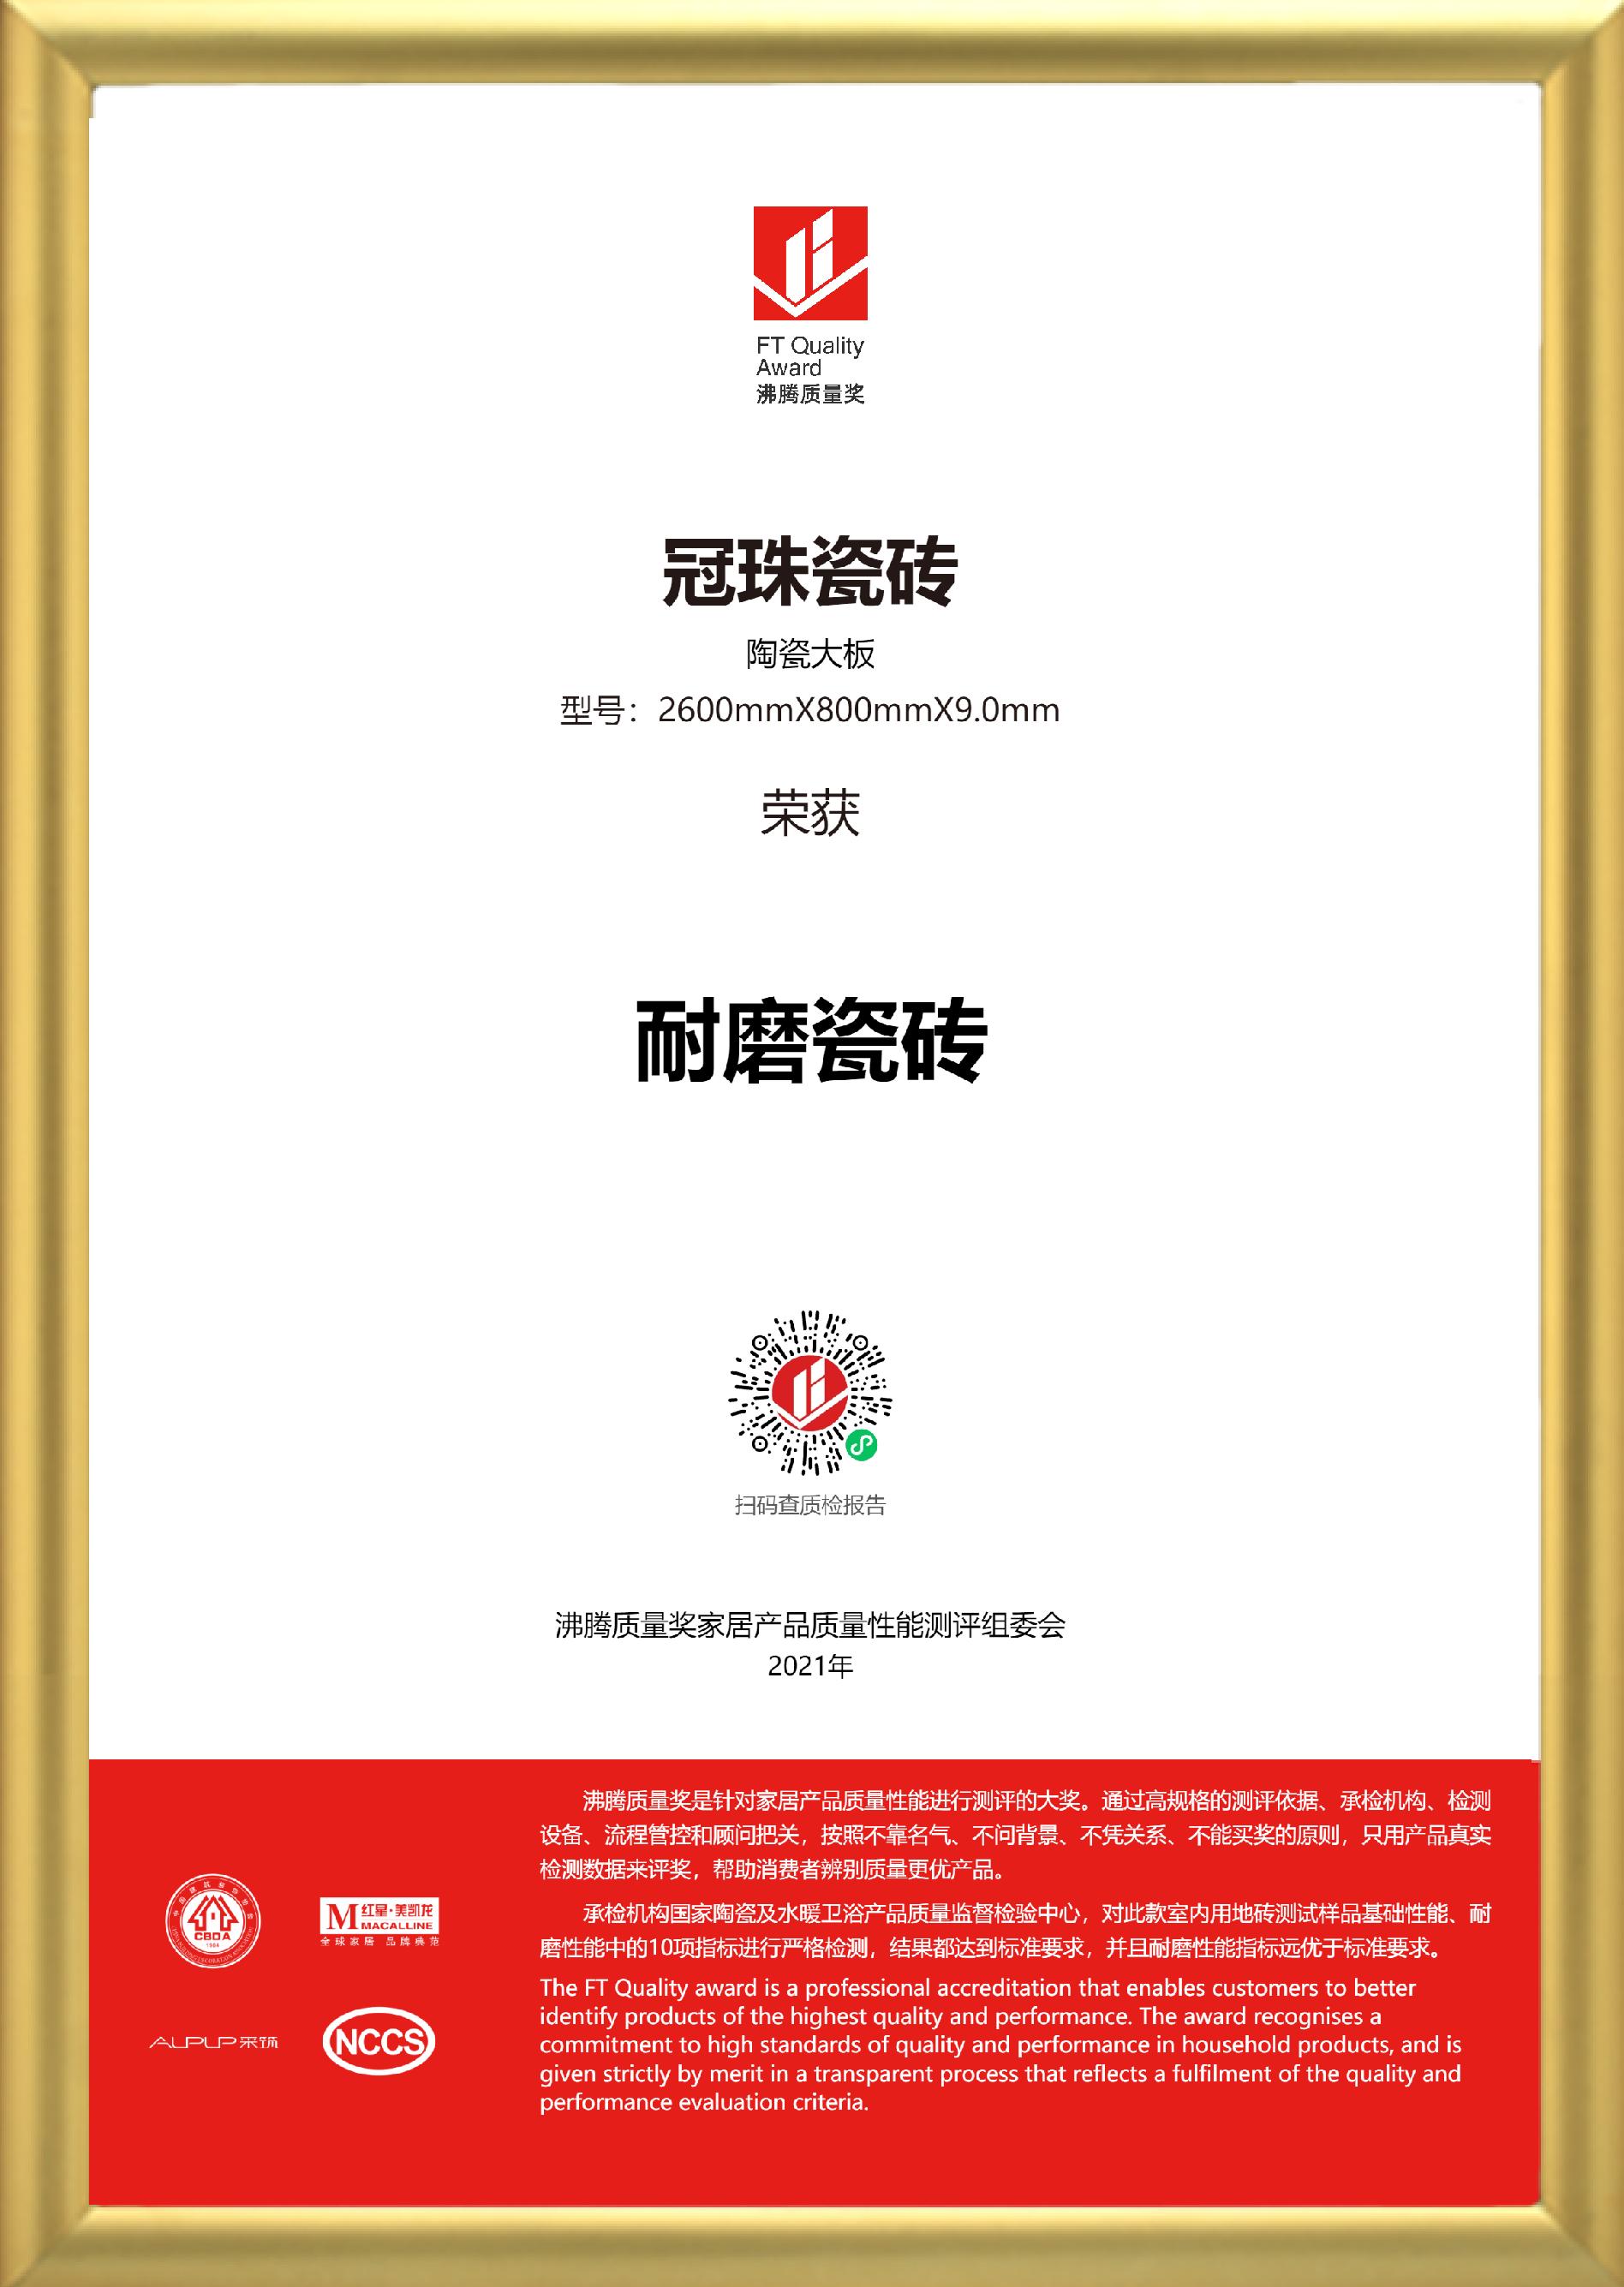 金框加持-获奖证书-冠珠瓷砖-室内用地砖-2600mmX800mmX9.0mm.png